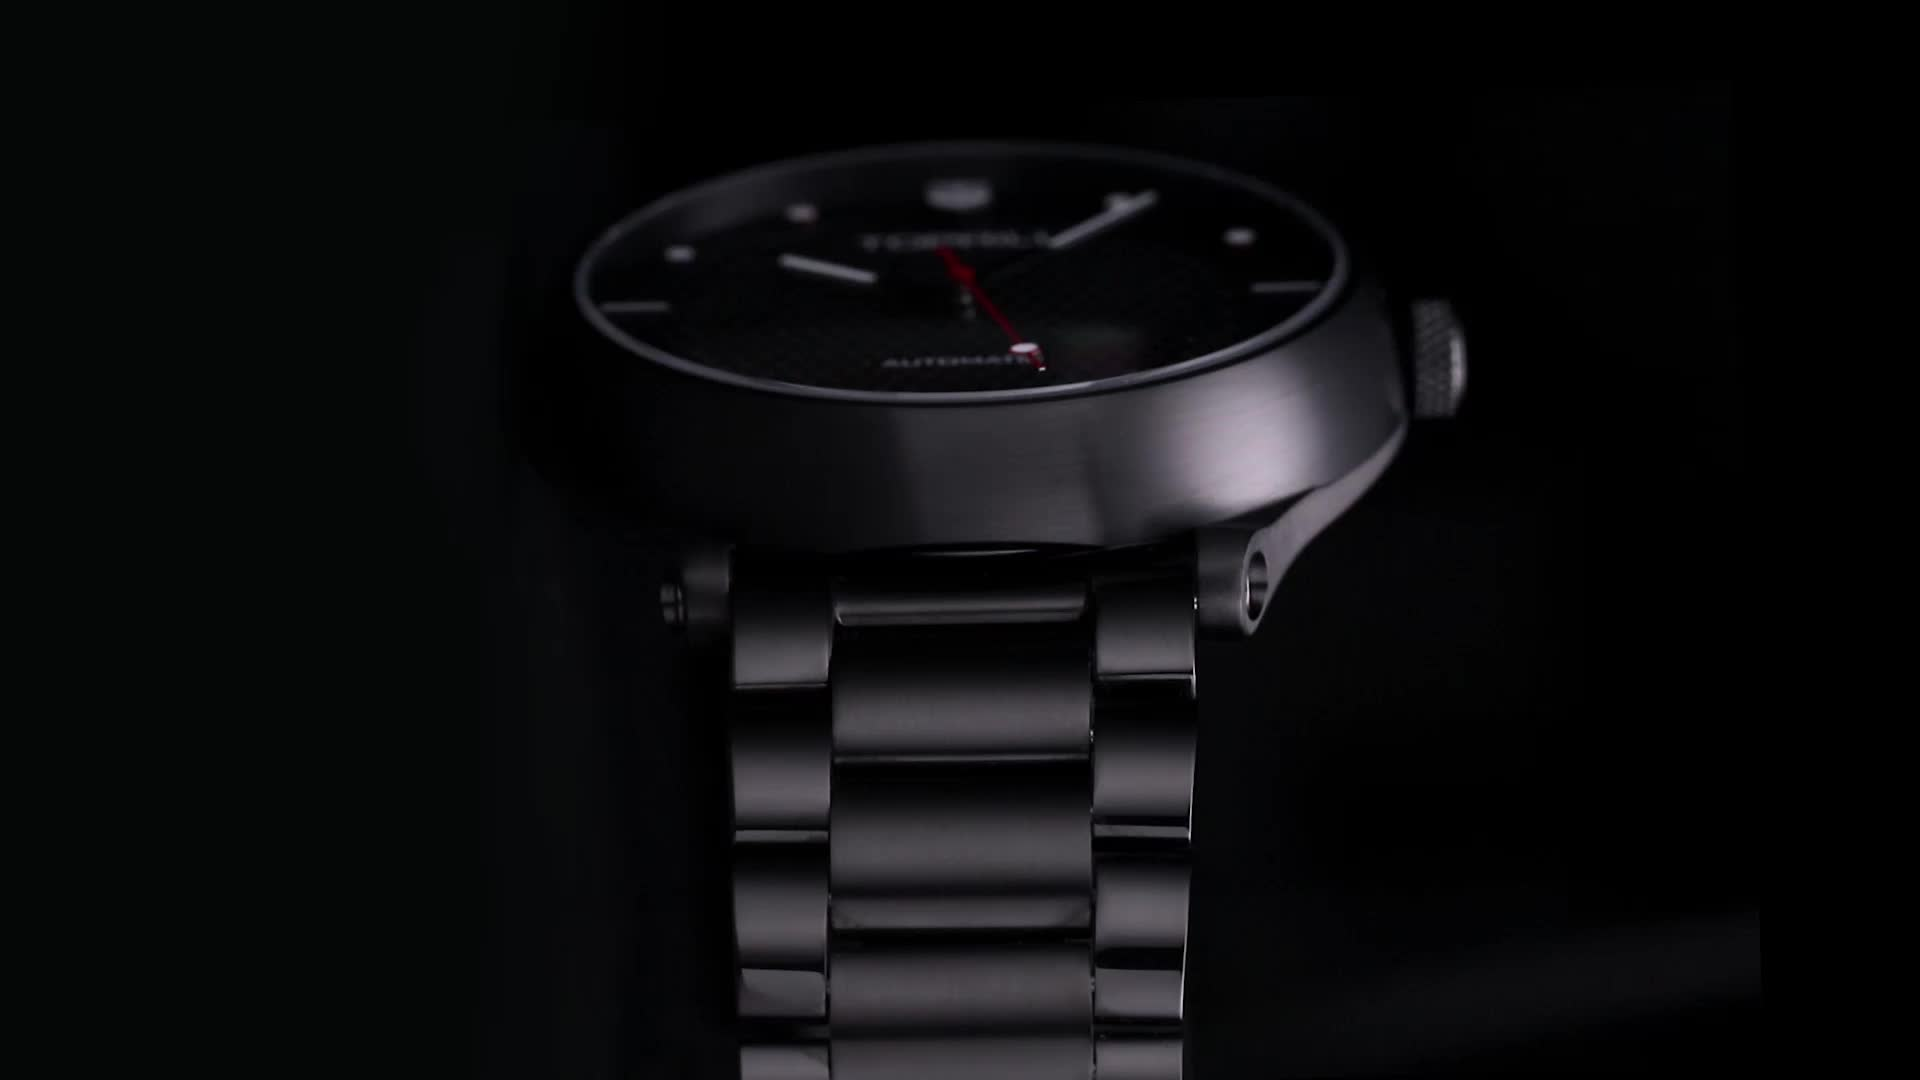 ผลิตภัณฑ์โรงงาน OEM ที่กำหนดเองยี่ห้อ Skeleton ญี่ปุ่นอัตโนมัตินาฬิกาผู้ชายประสิทธิภาพที่ยอดเยี่ยม